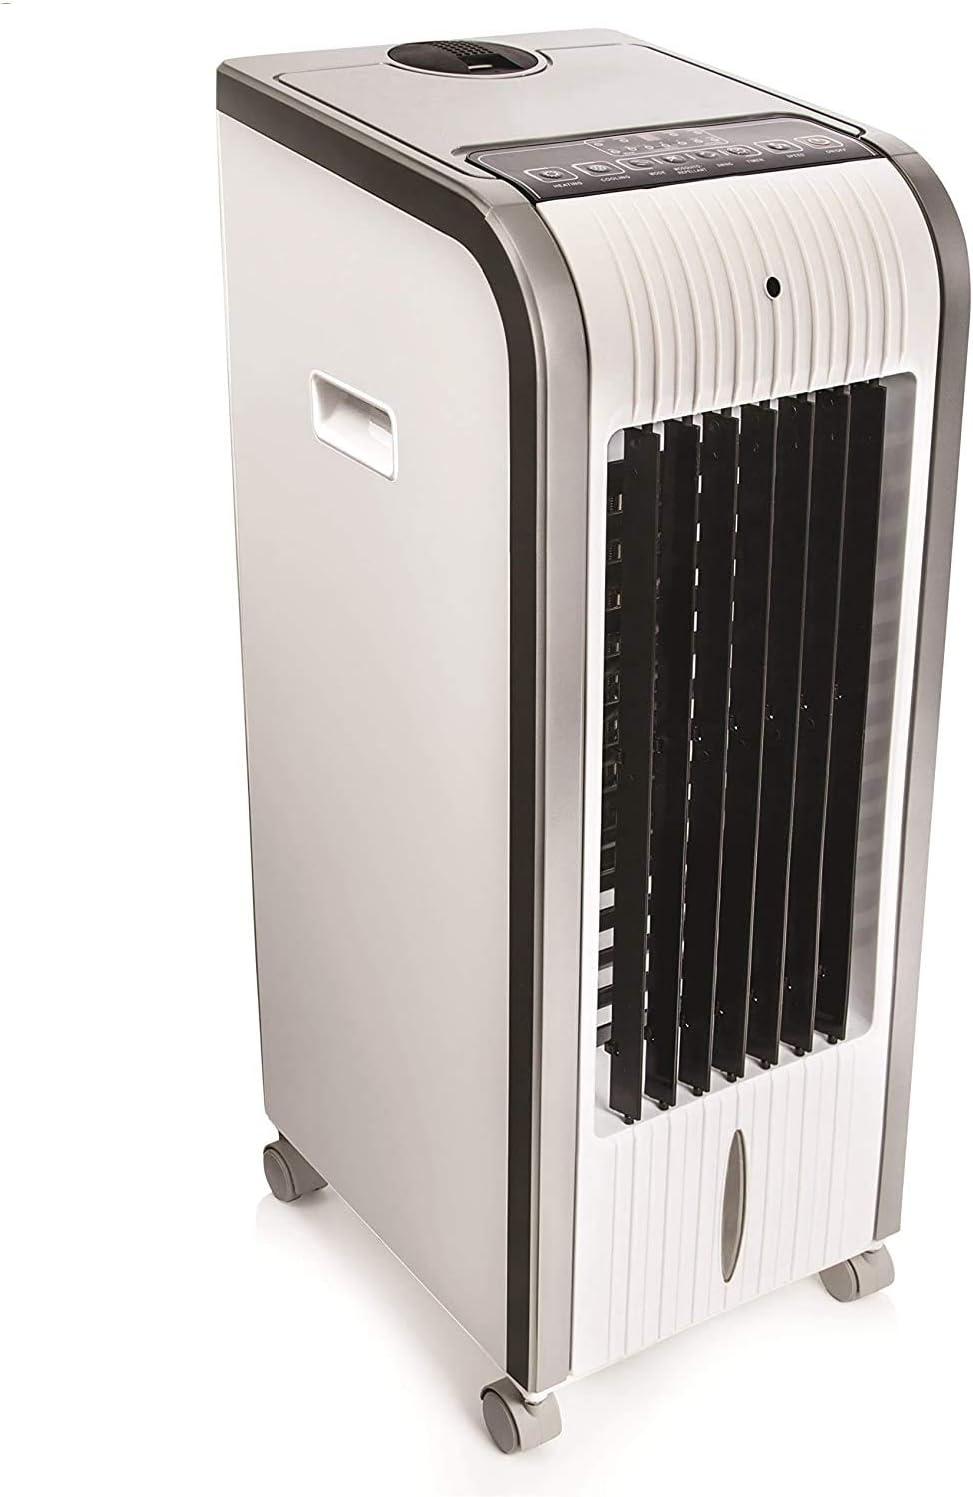 AMACO Climatizador Acondicionador Frio y Calor Multifunción Digital 5 en 1